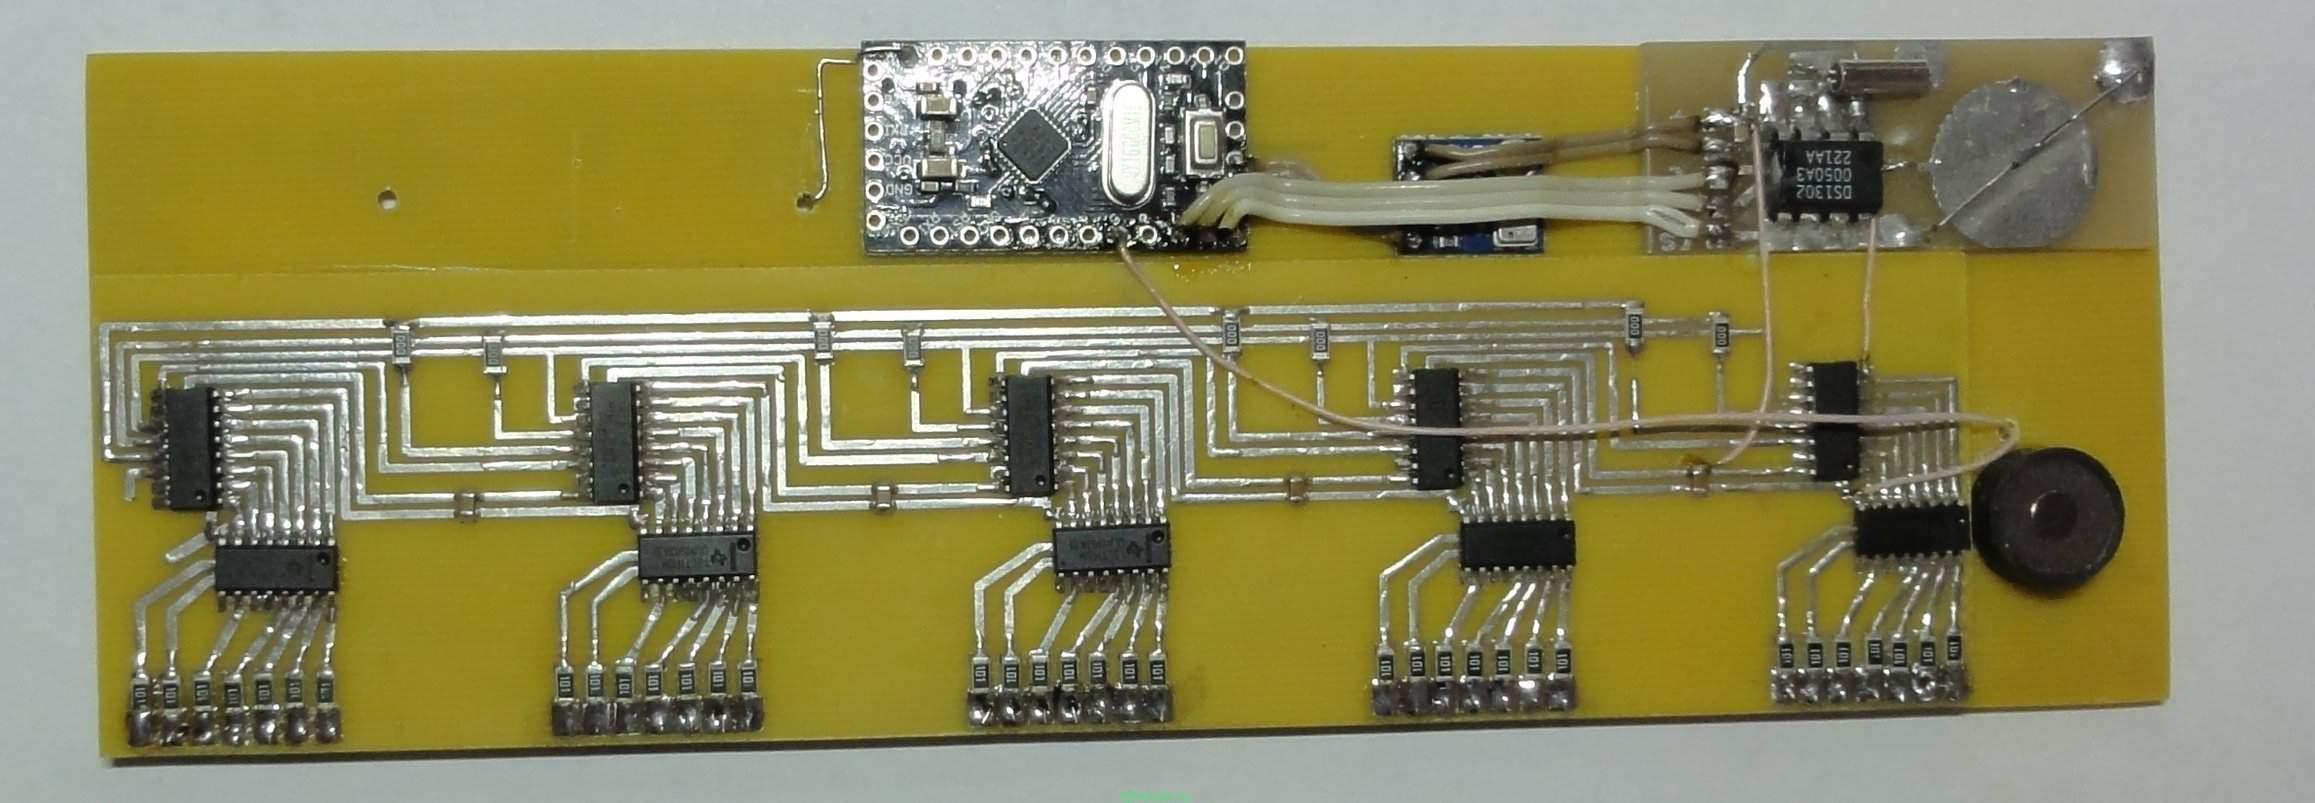 схема часов с термометром на светодиодах